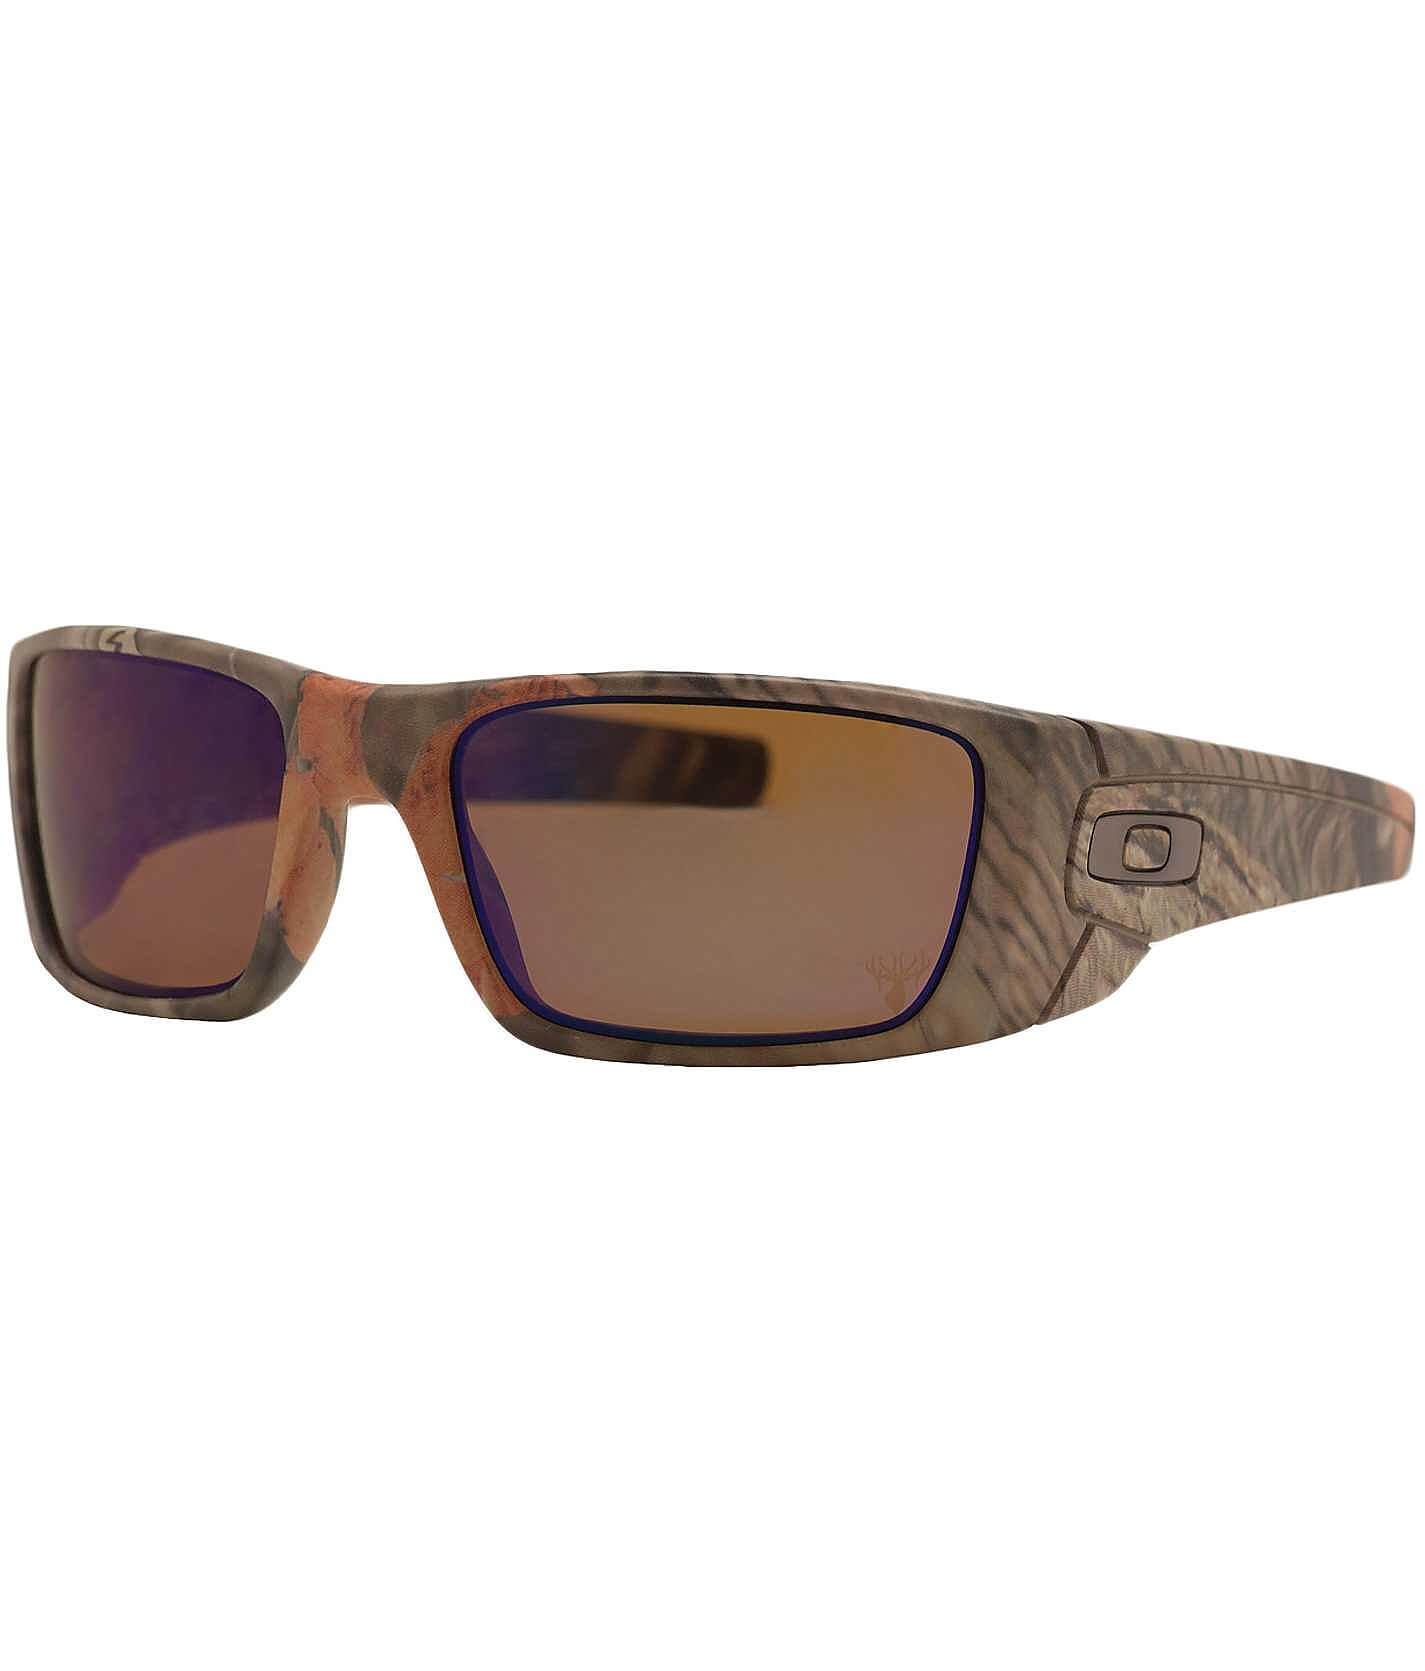 oakley sunglasses camo  Oakley King\u0027s Camo Fuel Cell Sunglasses - Men\u0027s Accessories in ...